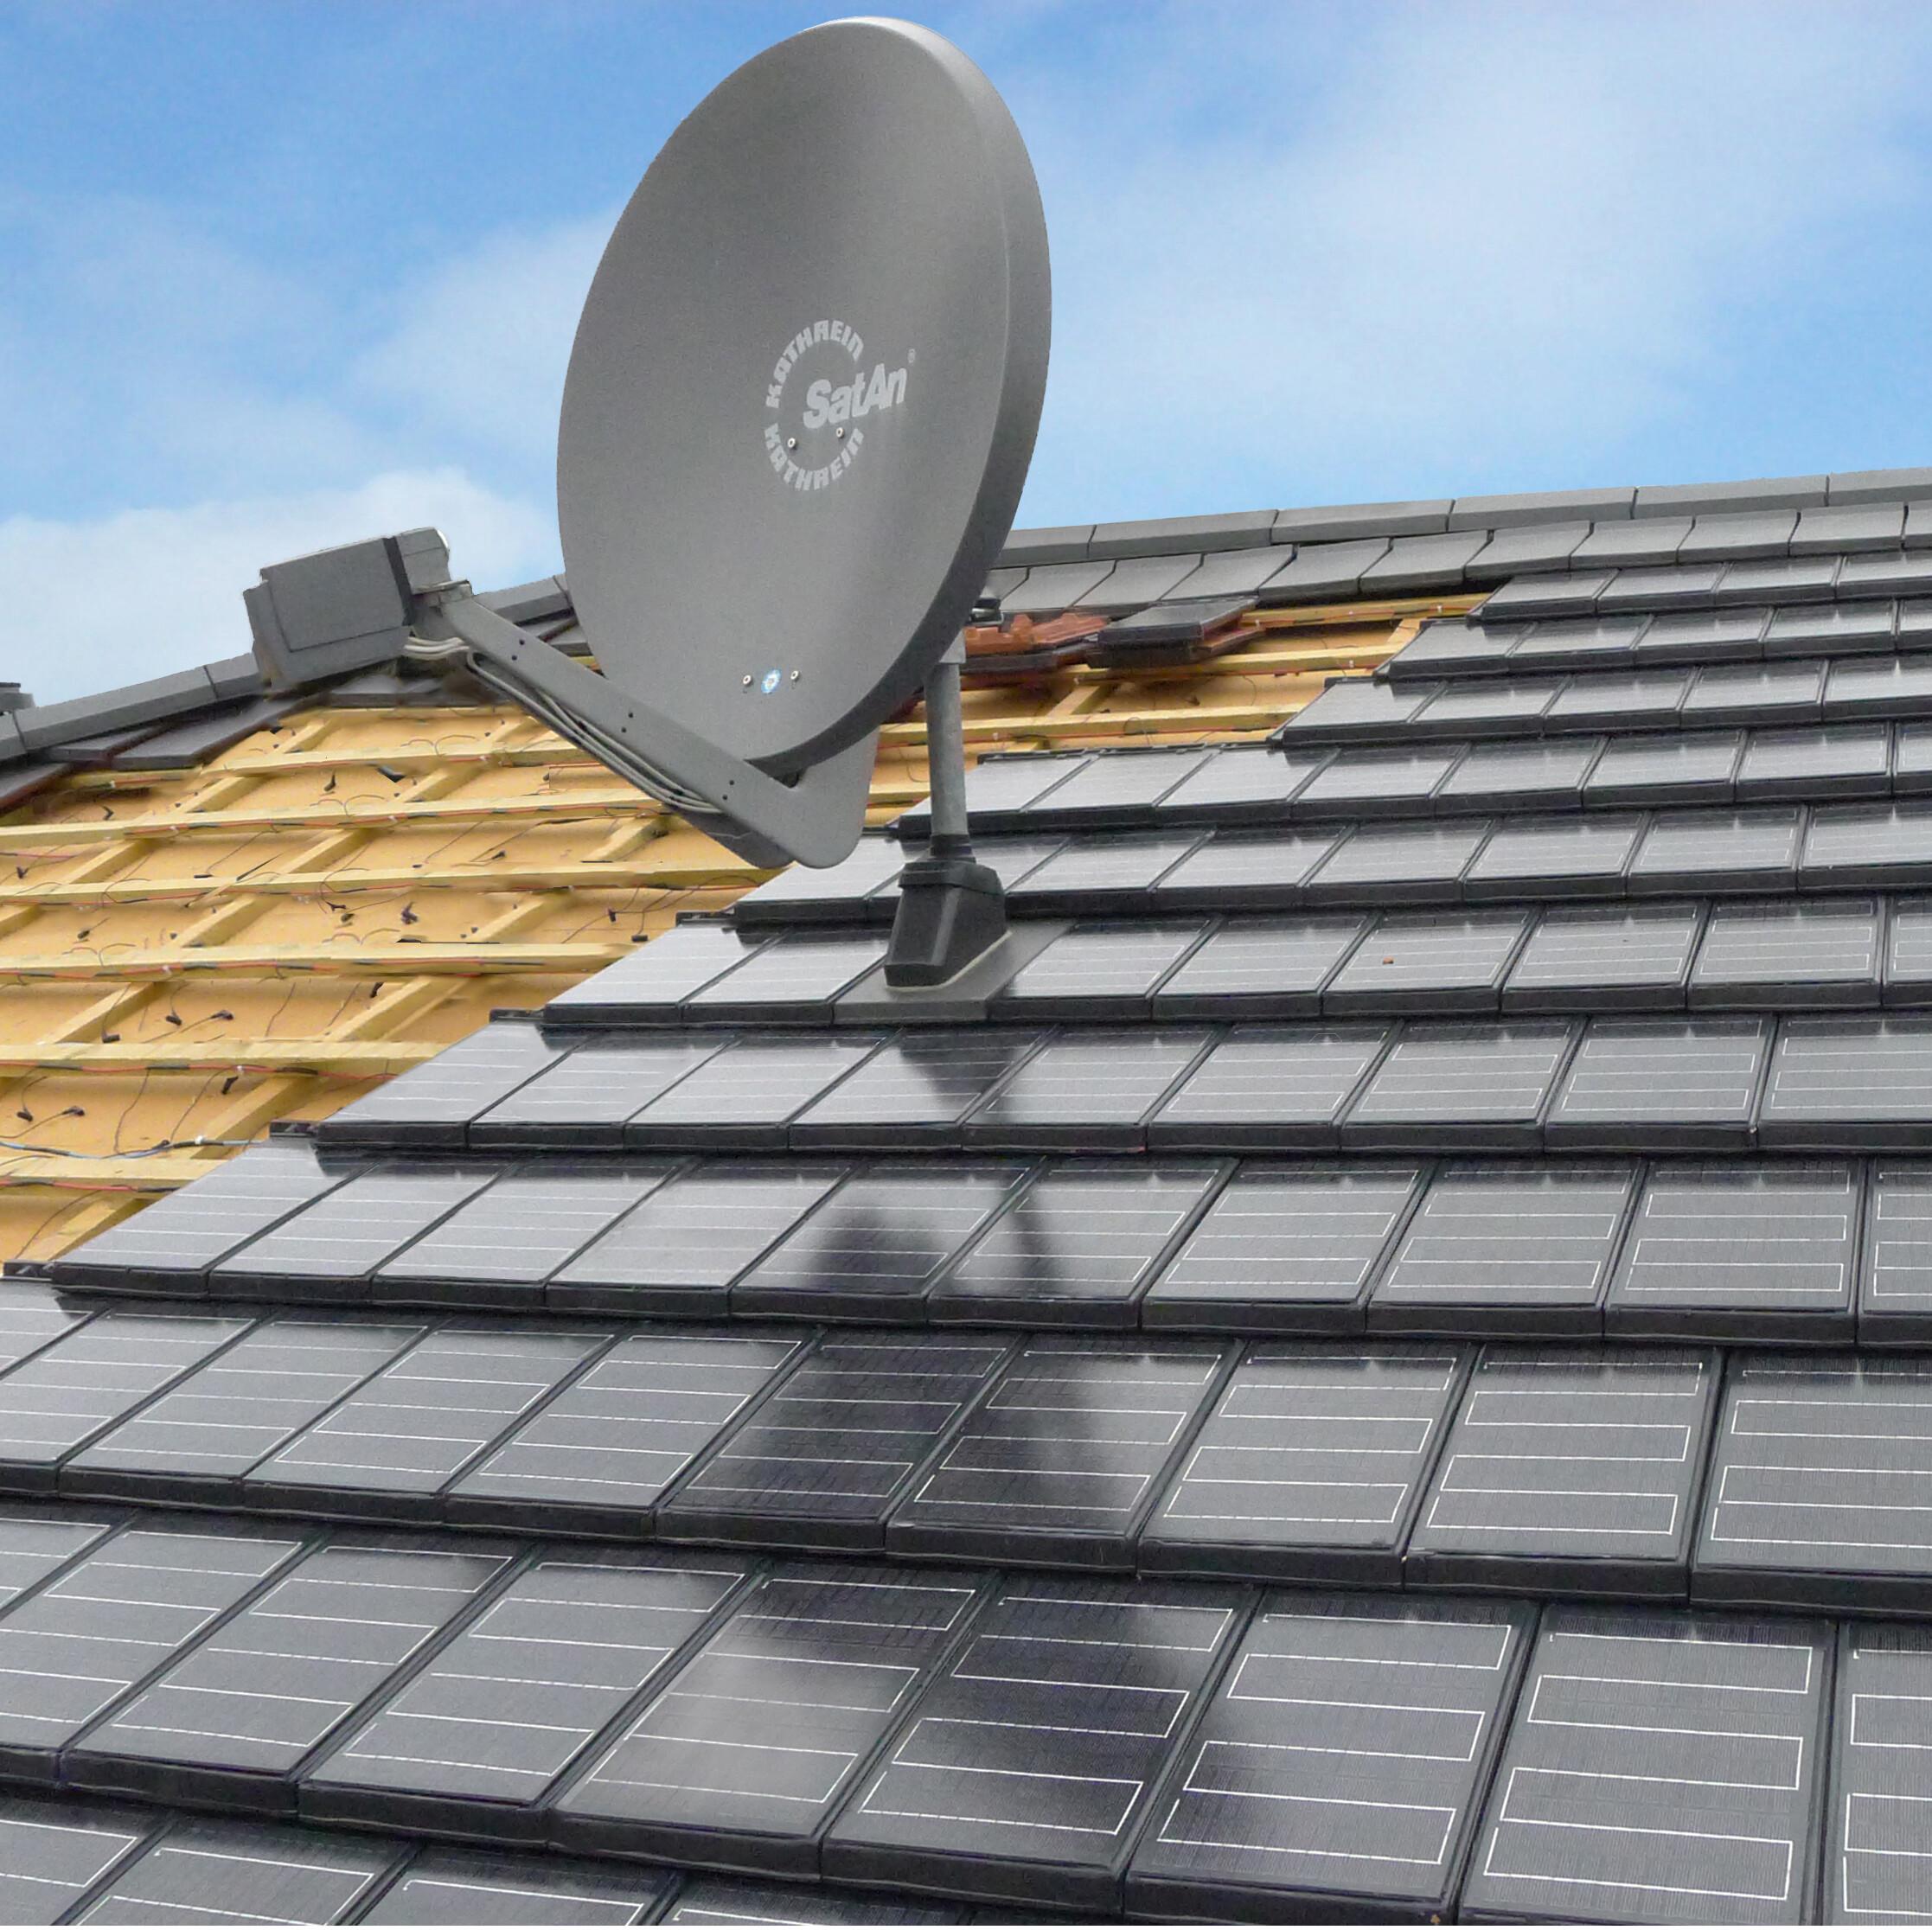 Die elegante Alternative für kleinteilige Dächer: Autarq-Solarziegel auf Basis des Creaton-Glattziegels Domino. Foto: Creaton GmbH